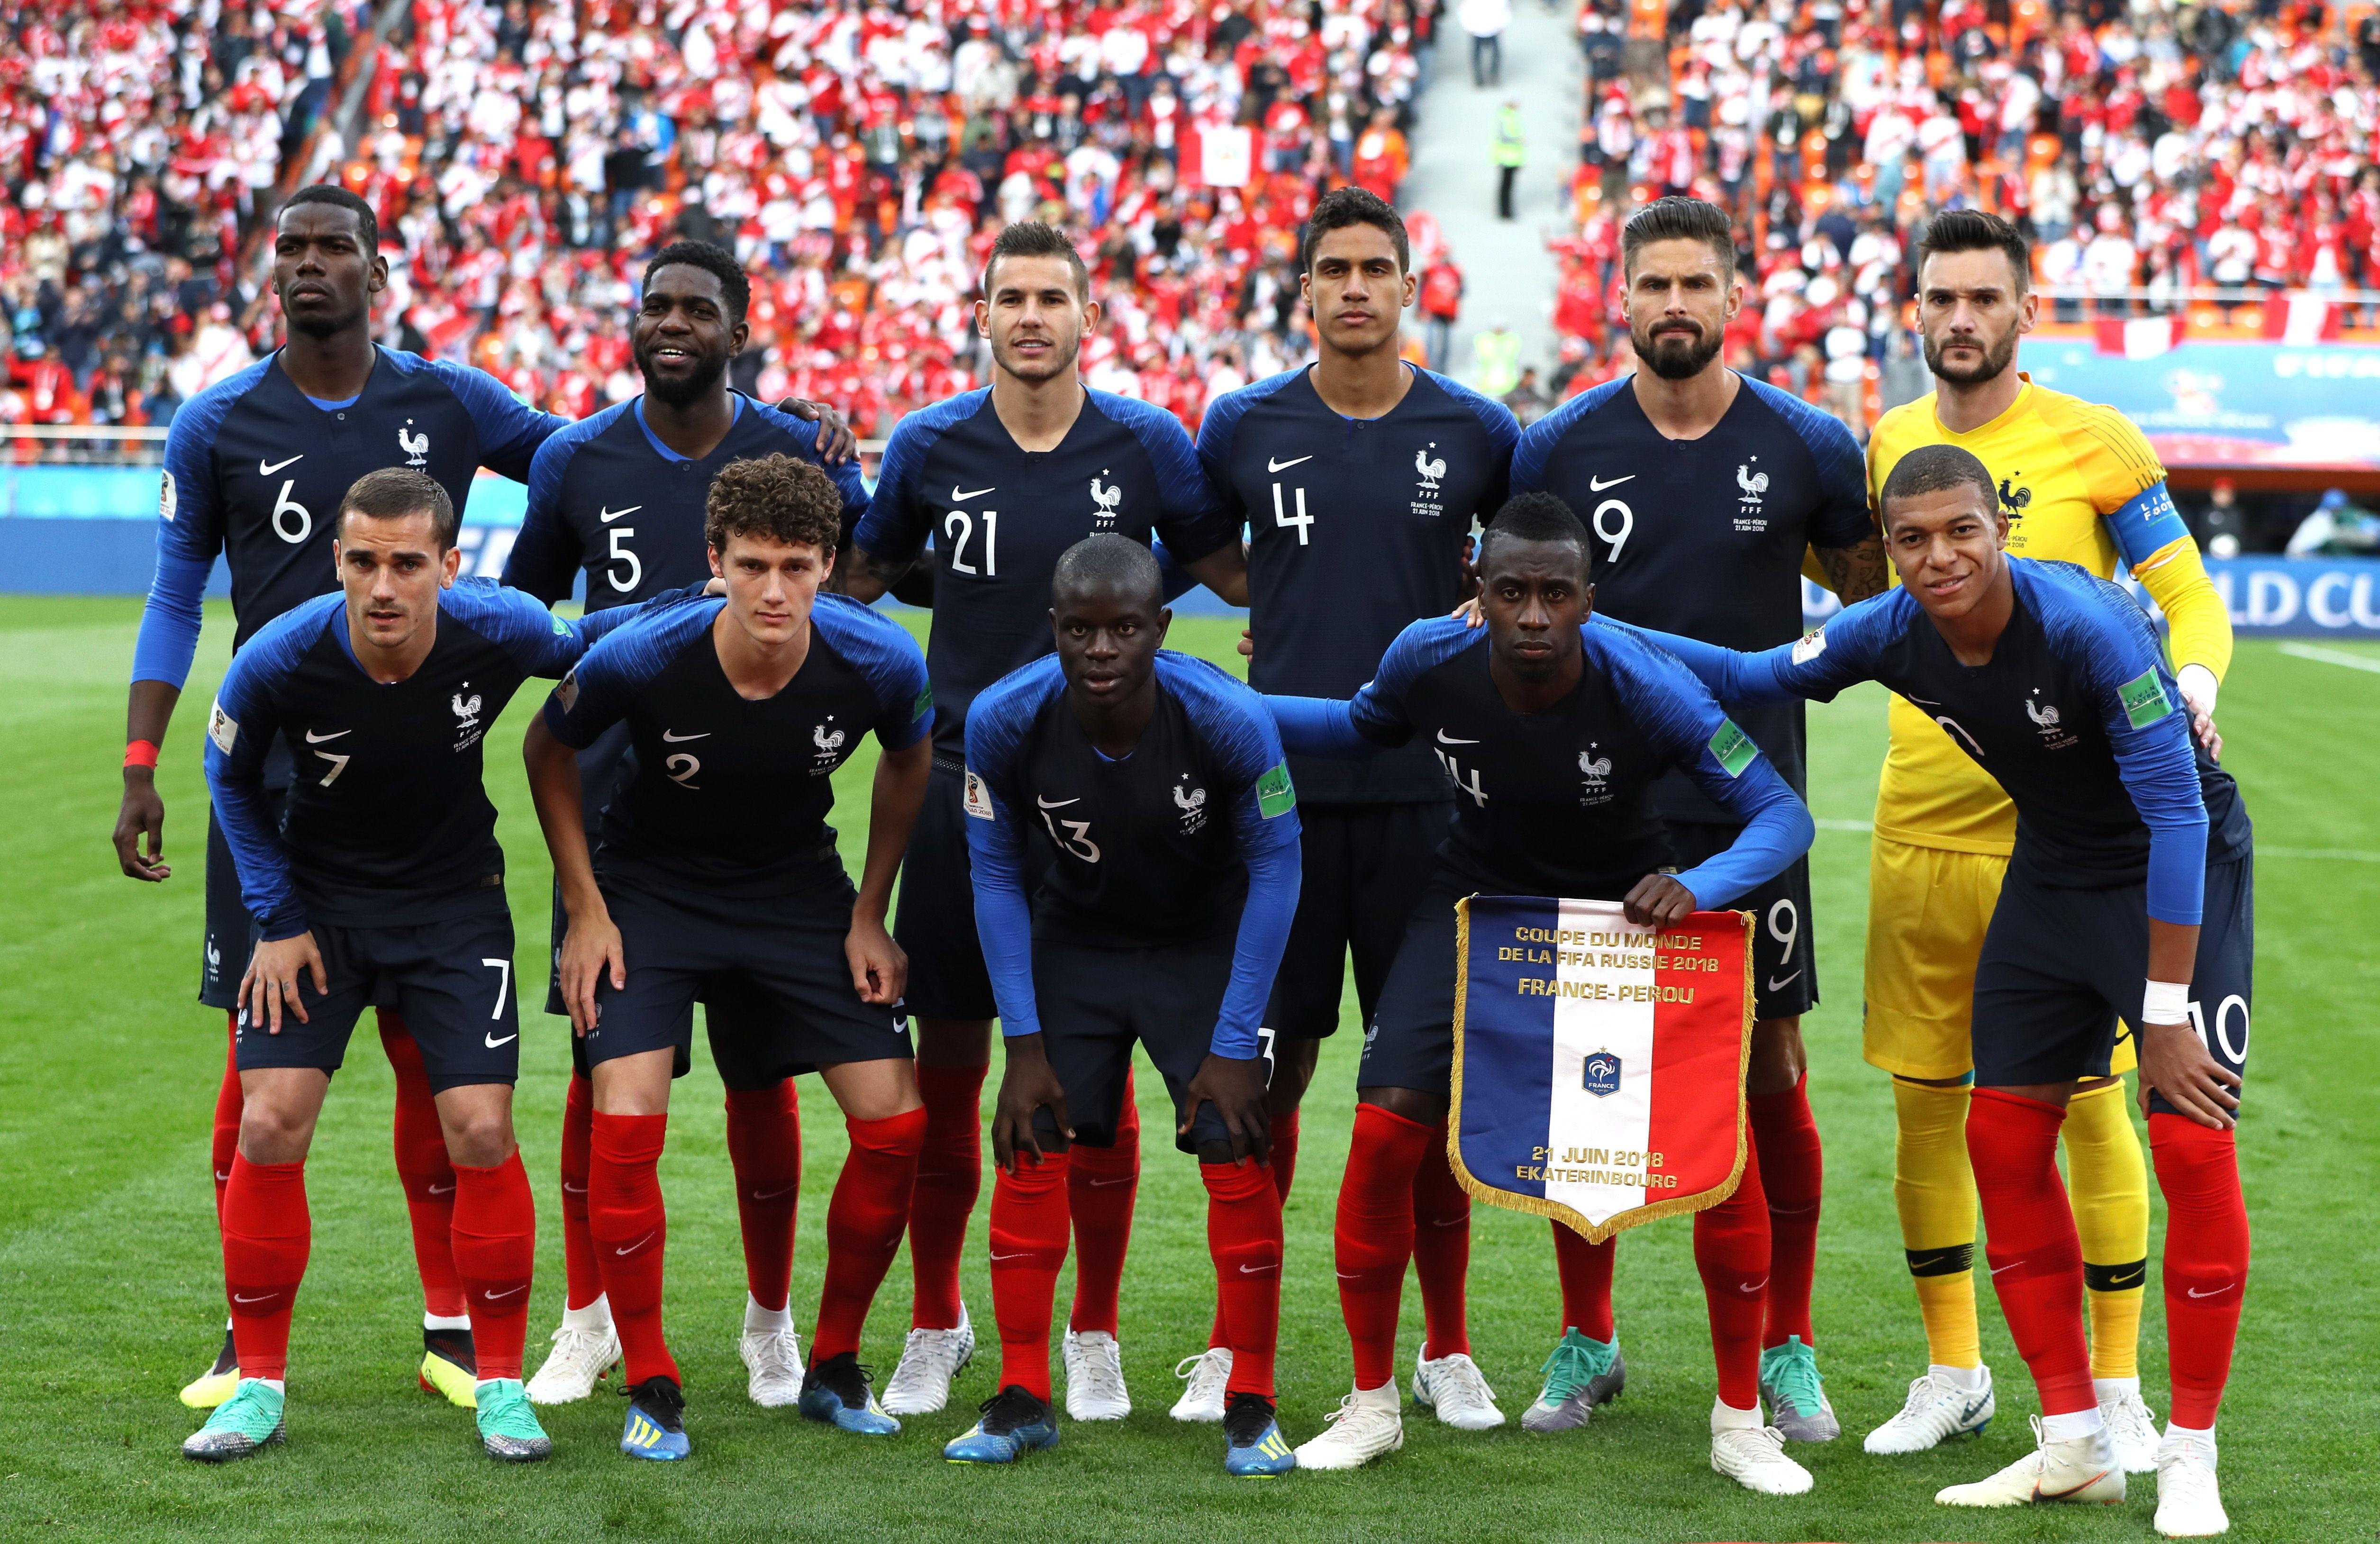 カップ 2018 サッカー ワールド 得点ランキング